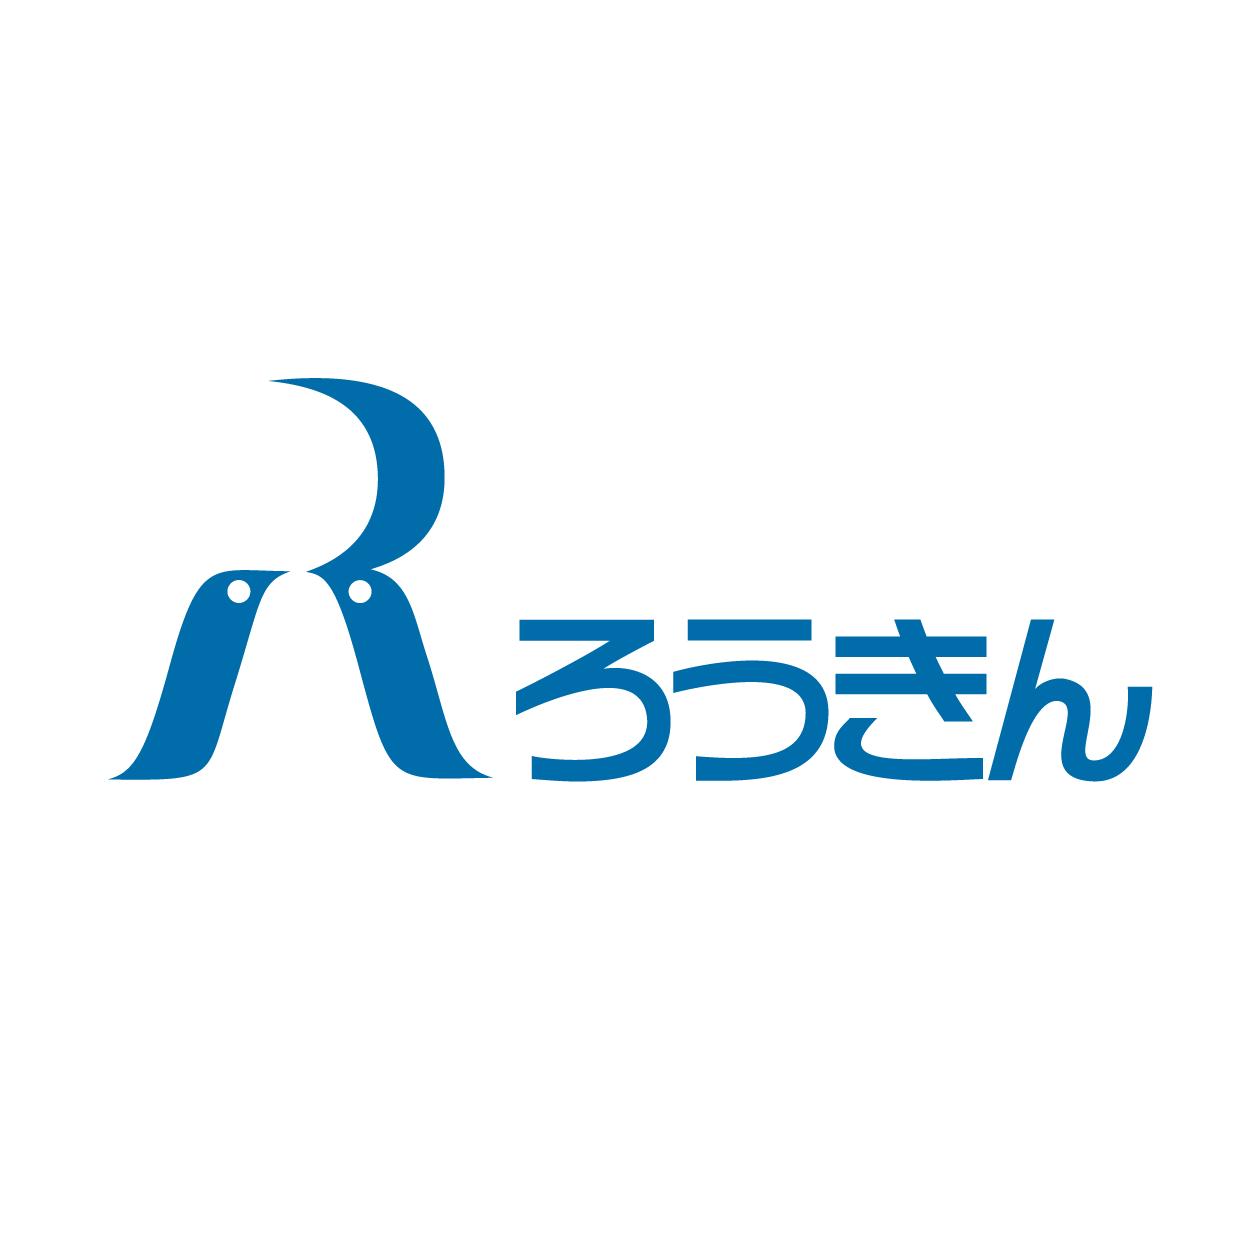 生活応援バンク・東北ろうきん 東北労働金庫 生活応援 ...